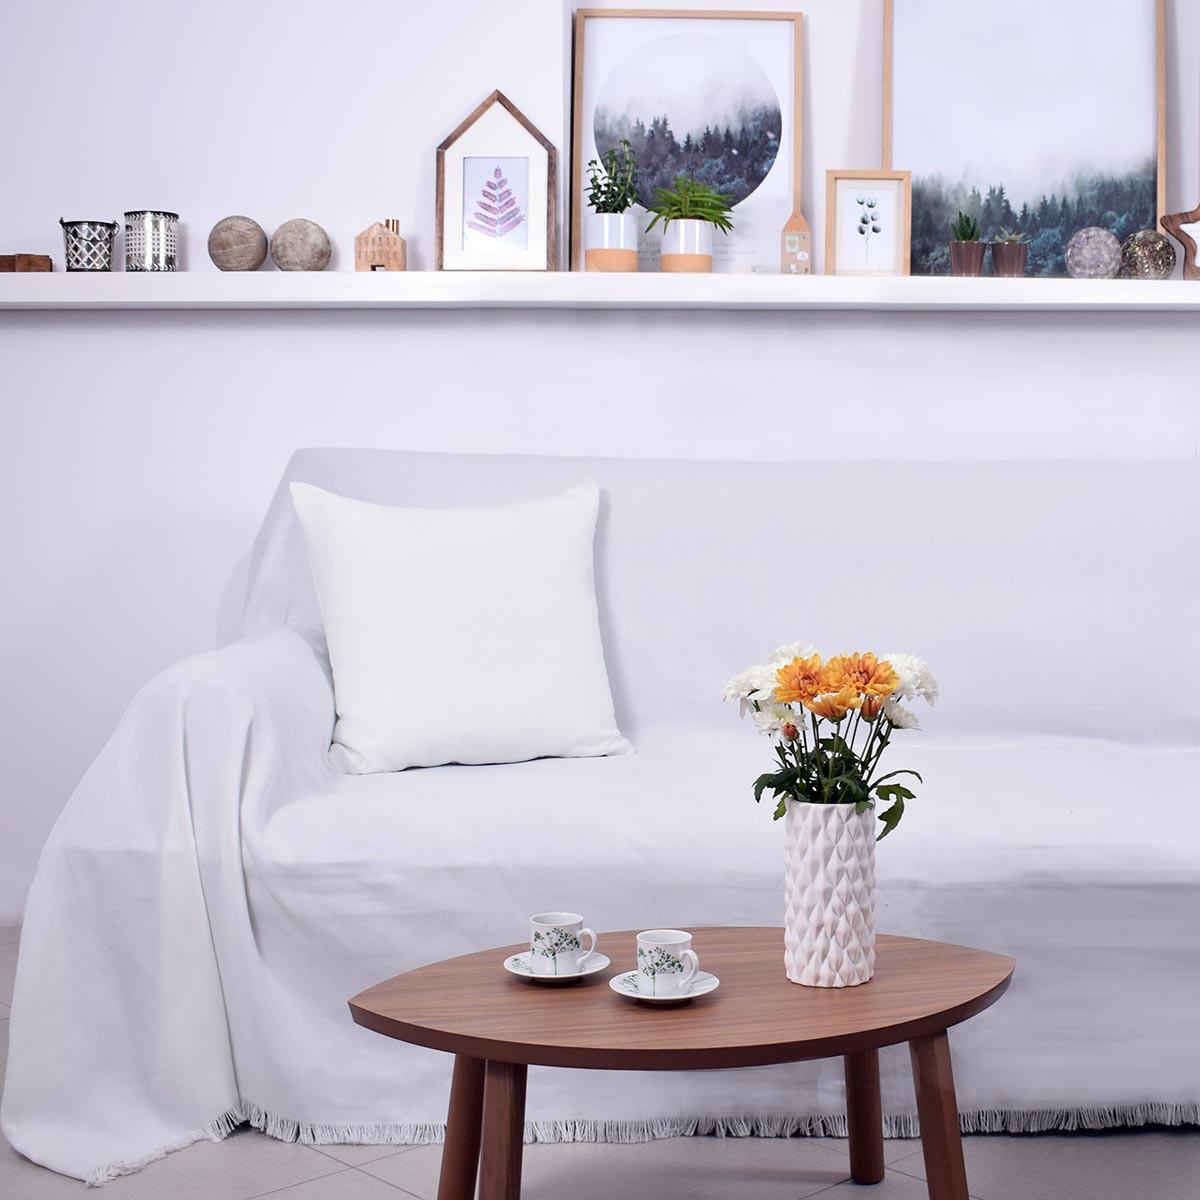 Ριχτάρι Πολυθρόνας (180x180) Ravelia Frugal White